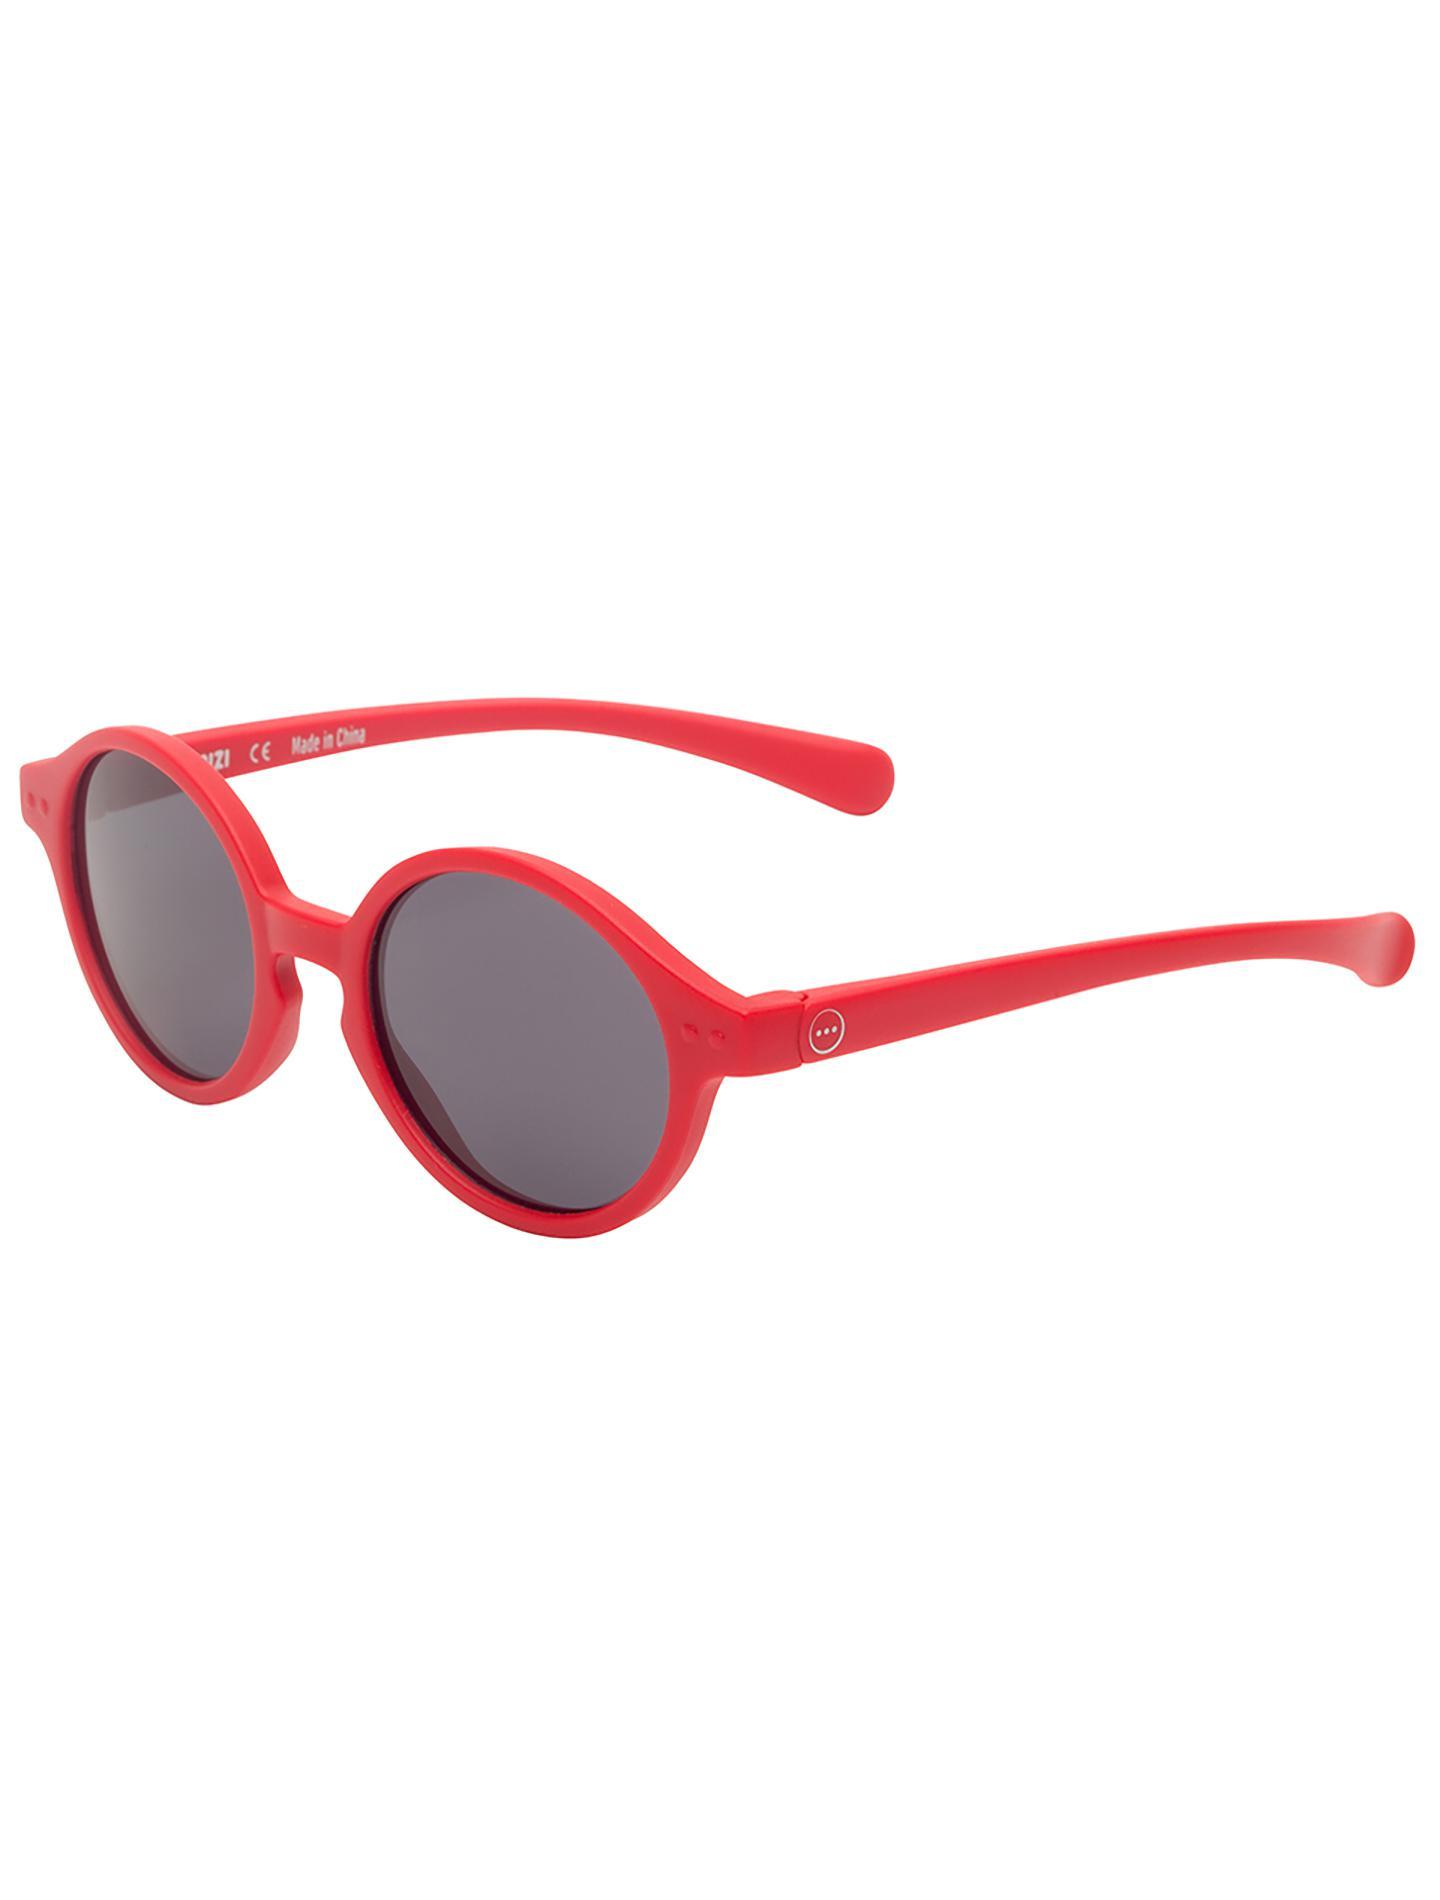 aed35990910 Lyst - Alternative Apparel Izipizi Kids Sunglasses in Red